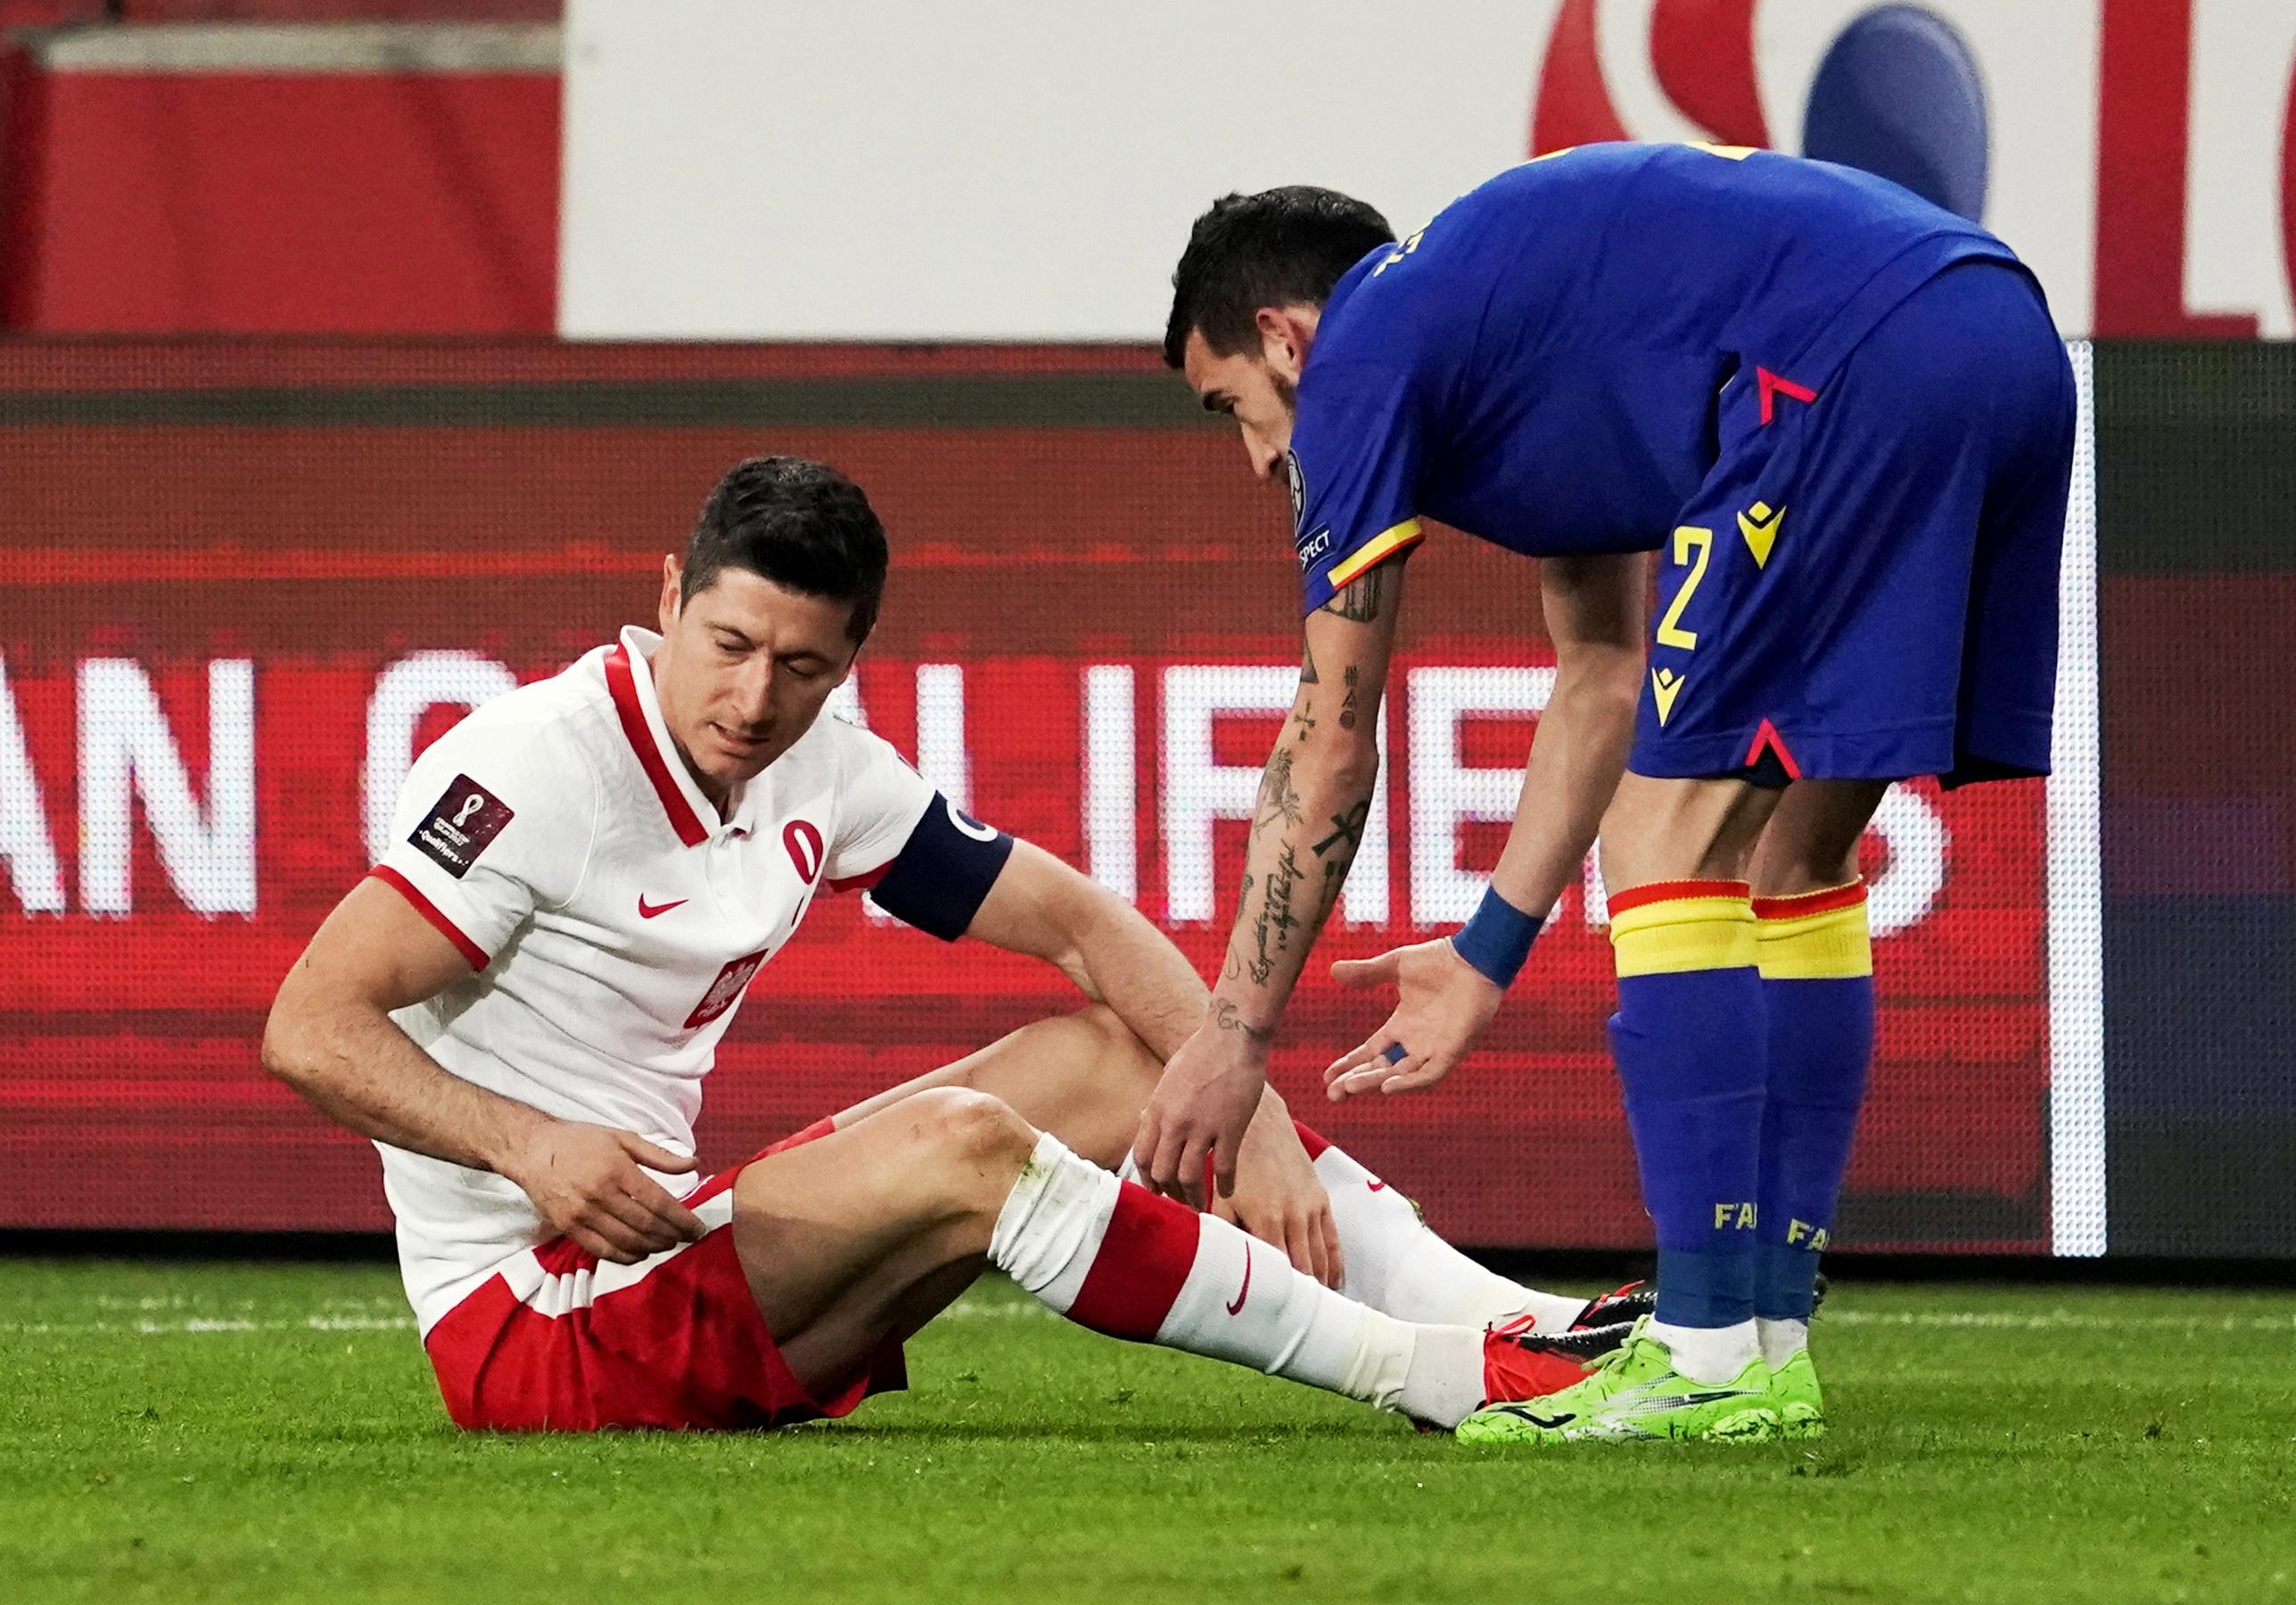 Lewandowski bỏ lỡ cả hai lượt trận với PSG vì chấn thương đầu gối